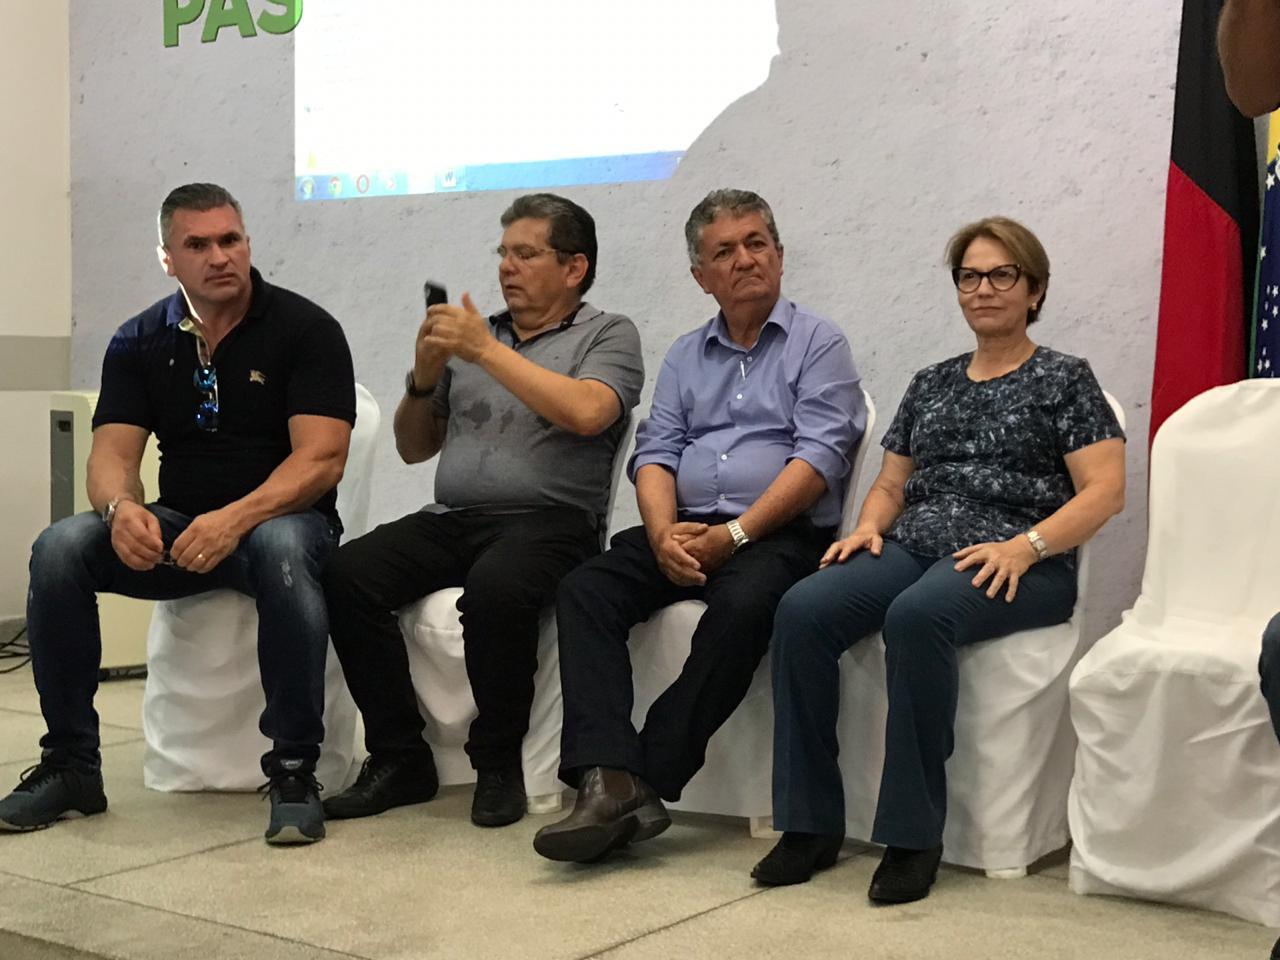 WhatsApp Image 2019 02 17 at 13.35.05 1 - VISITA TÉCNICA: Julian Lemos diz que Ministra da Agricultura ficou bem impressionada com produção na Paraíba - VEJA VÍDEO